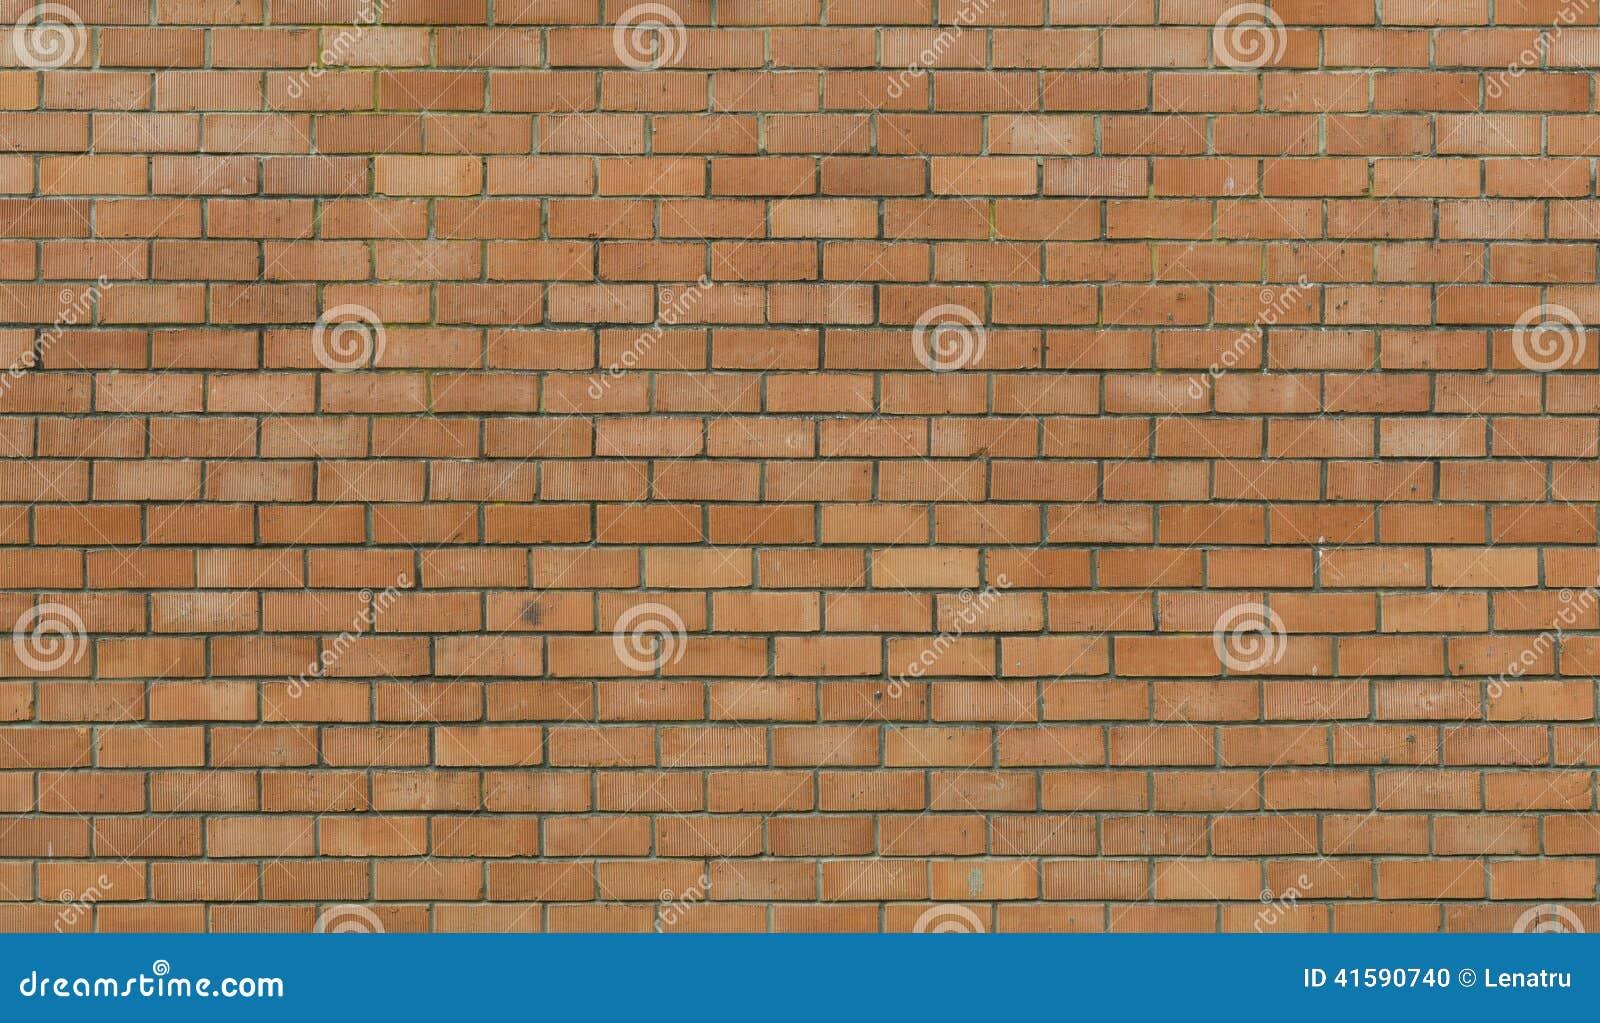 mur d 39 une brique rouge avec un mod le ondul comme fond photo stock image 41590740. Black Bedroom Furniture Sets. Home Design Ideas